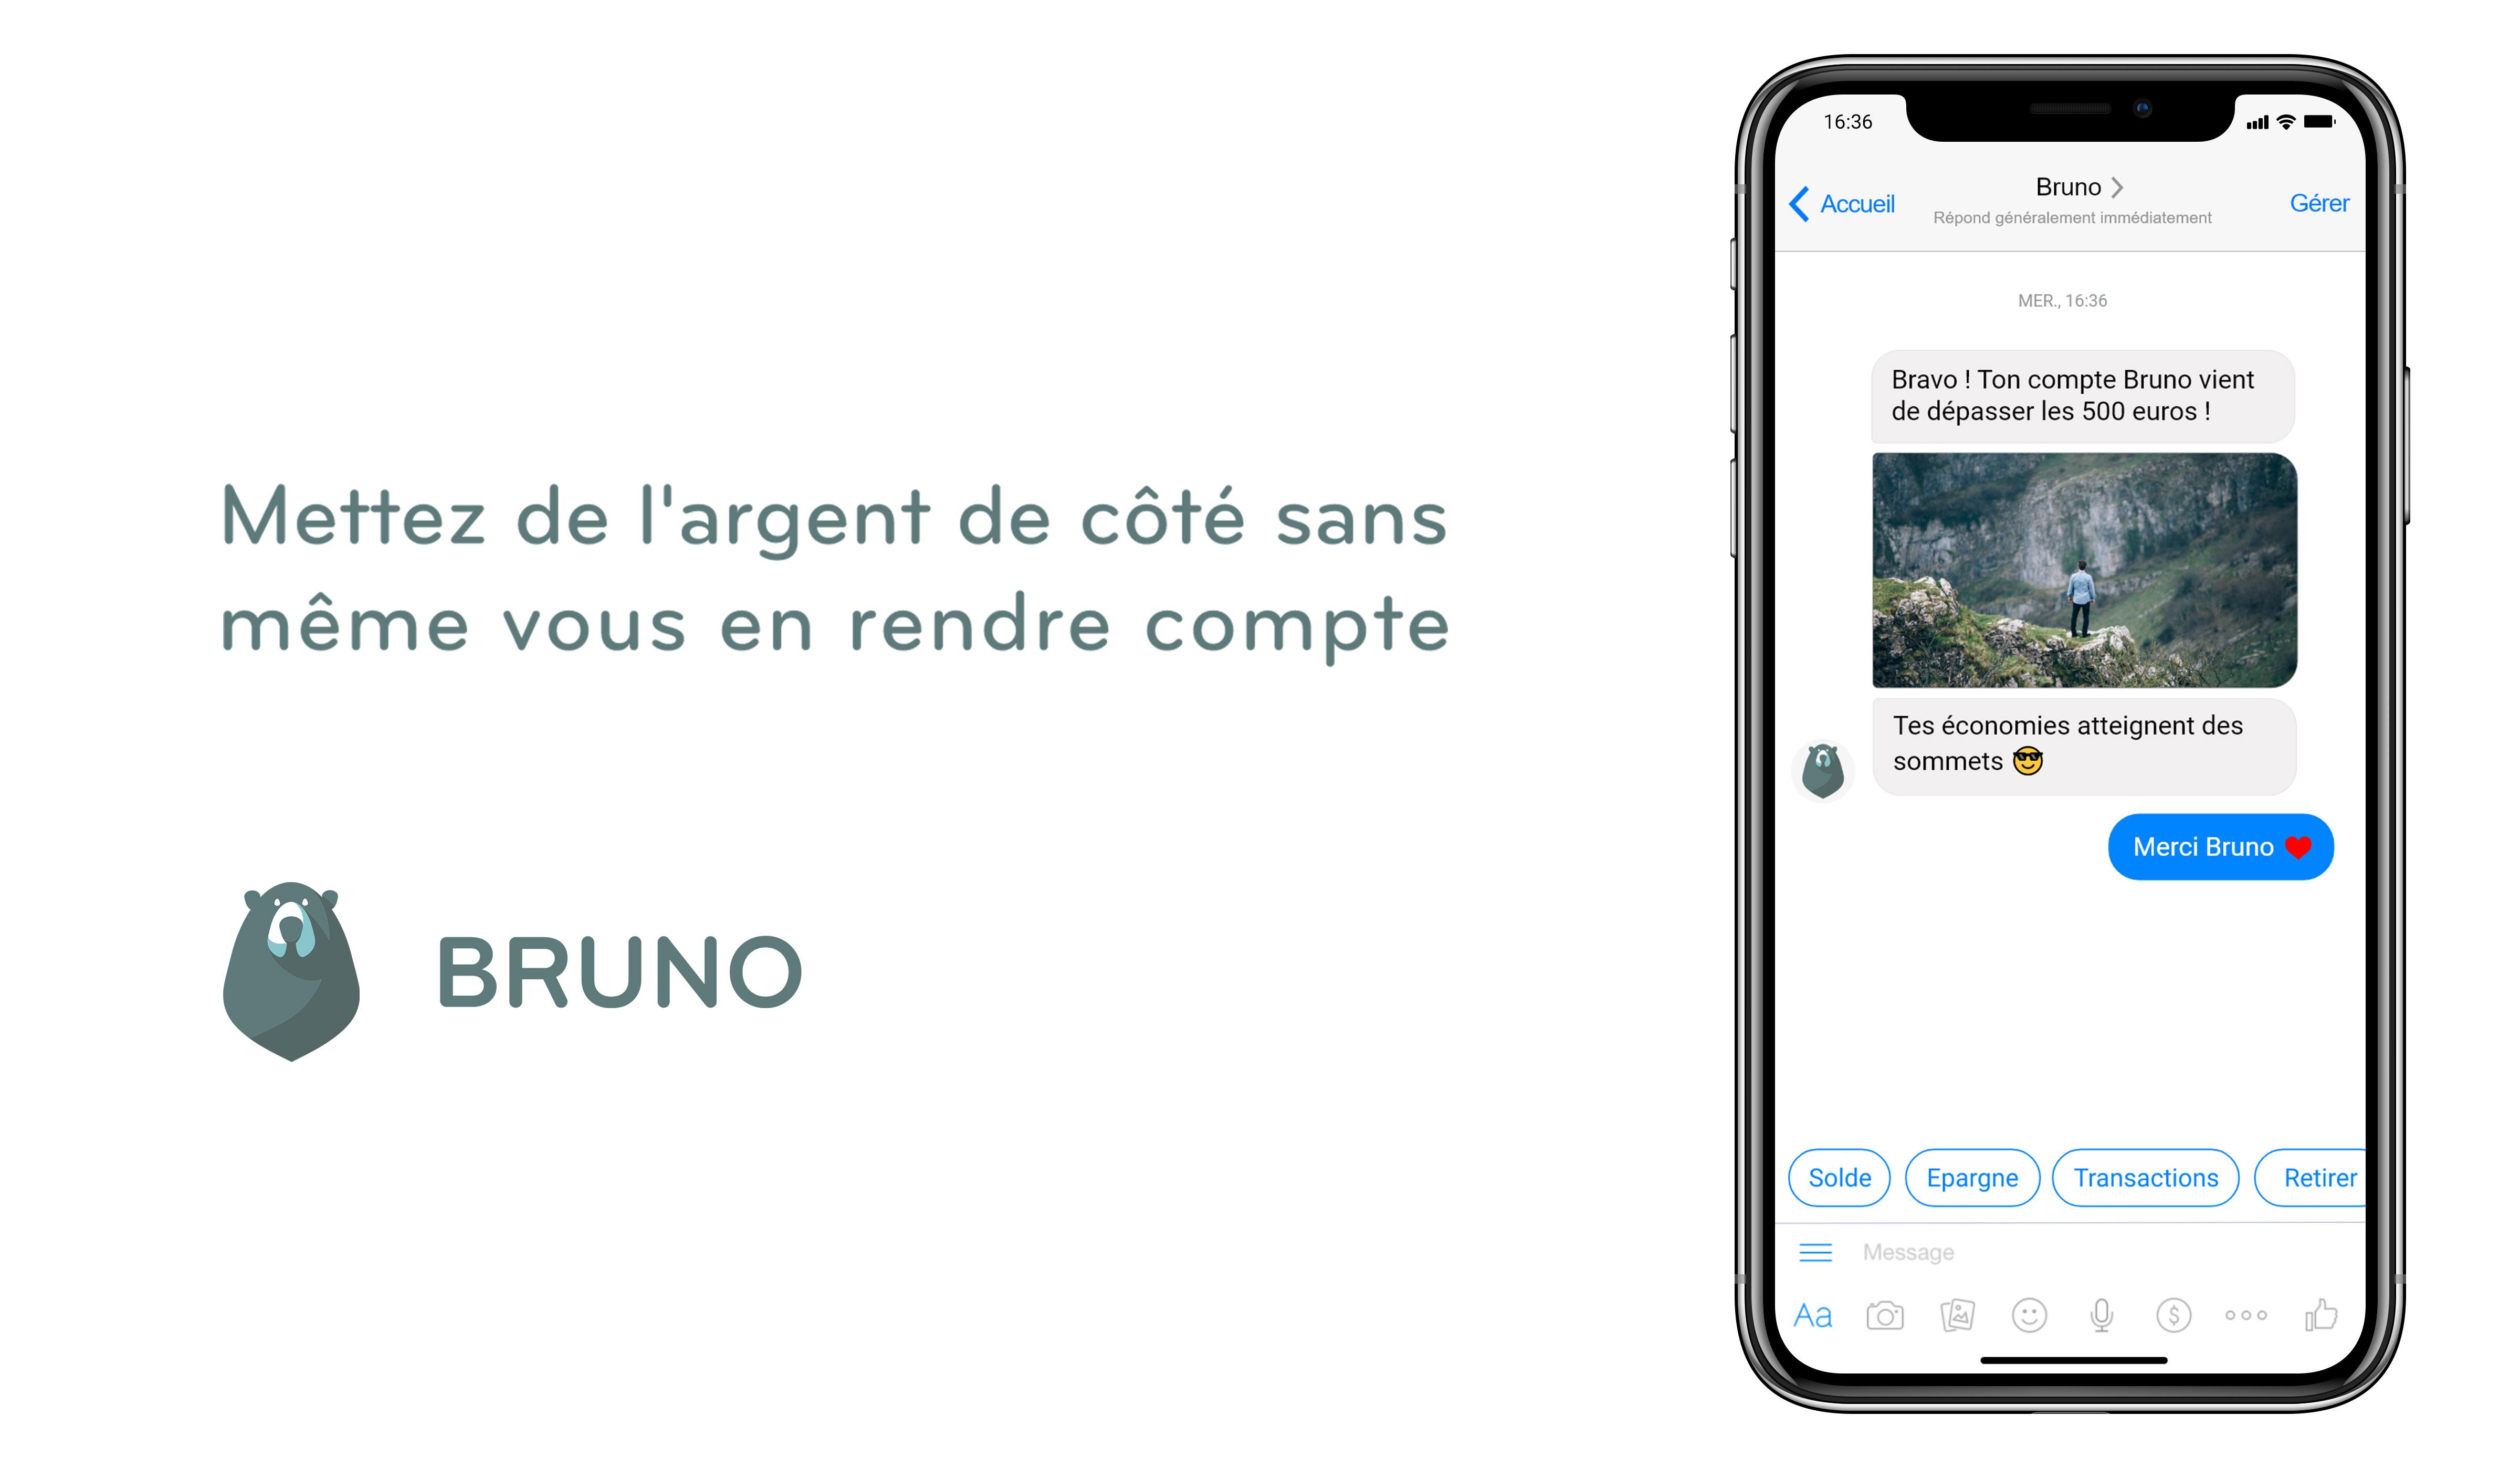 Bruno-Messenger-1.jpg